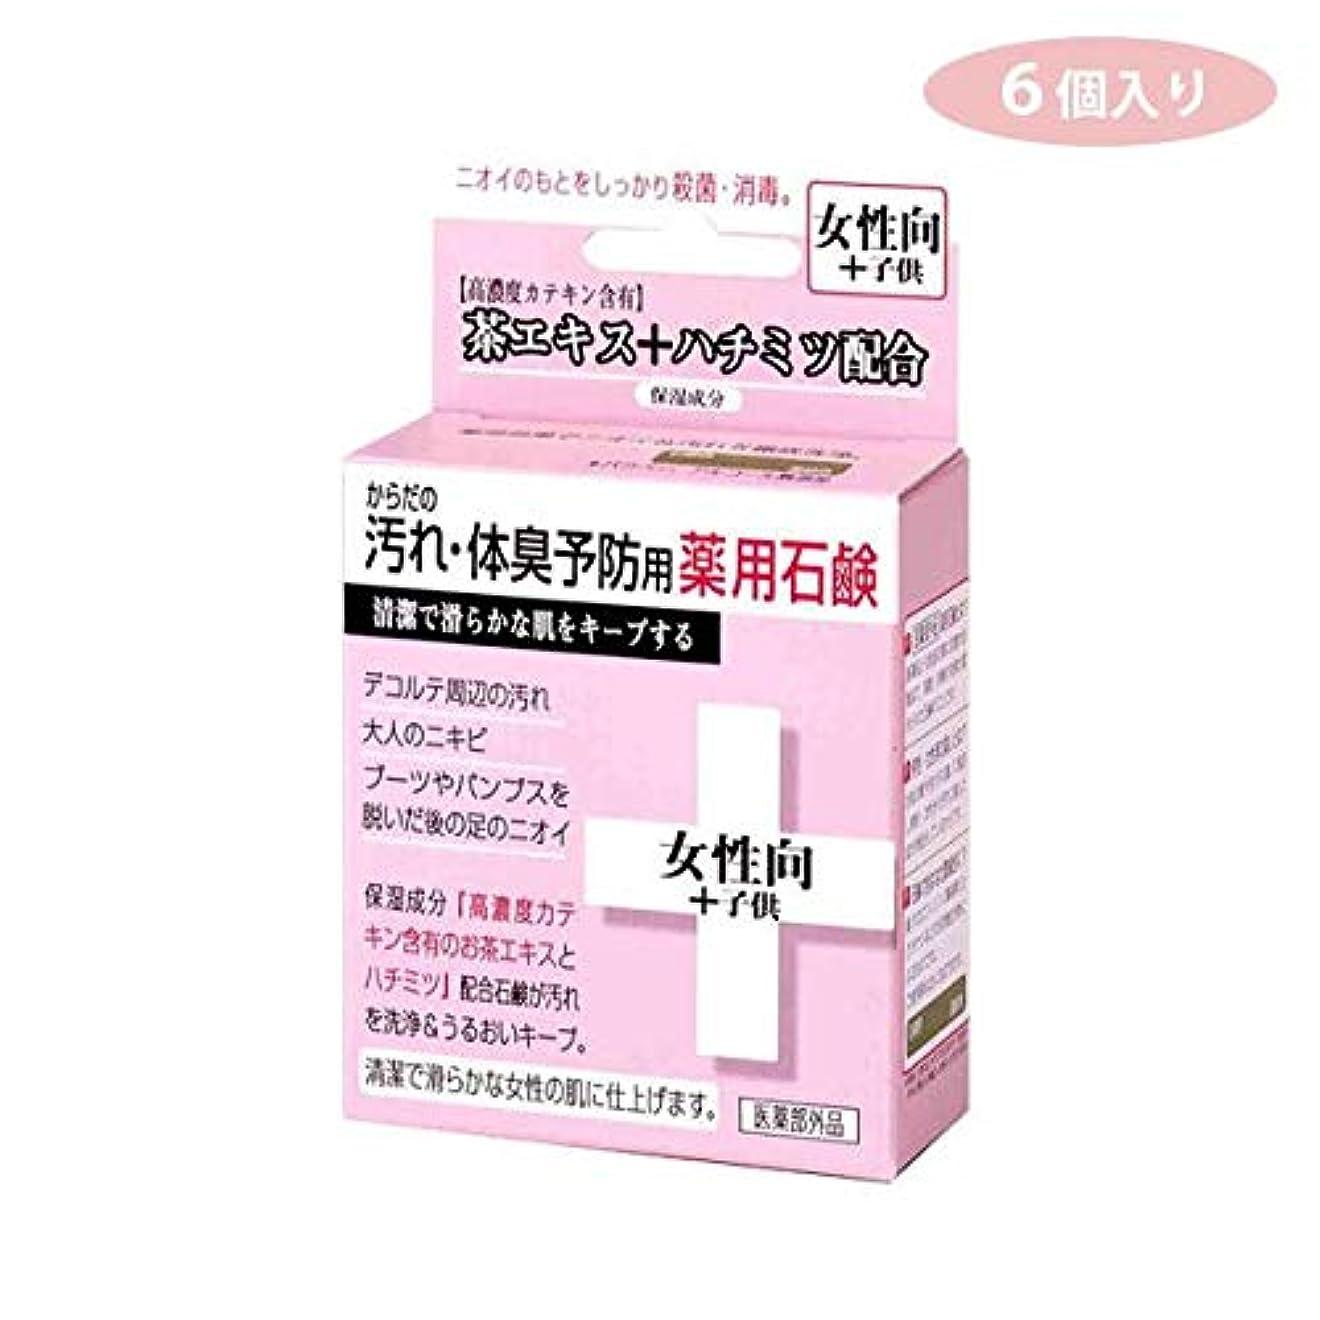 白い枕ドールCTY-SF 6個入り からだの汚れ?体臭予防用 薬用石鹸 女性向き